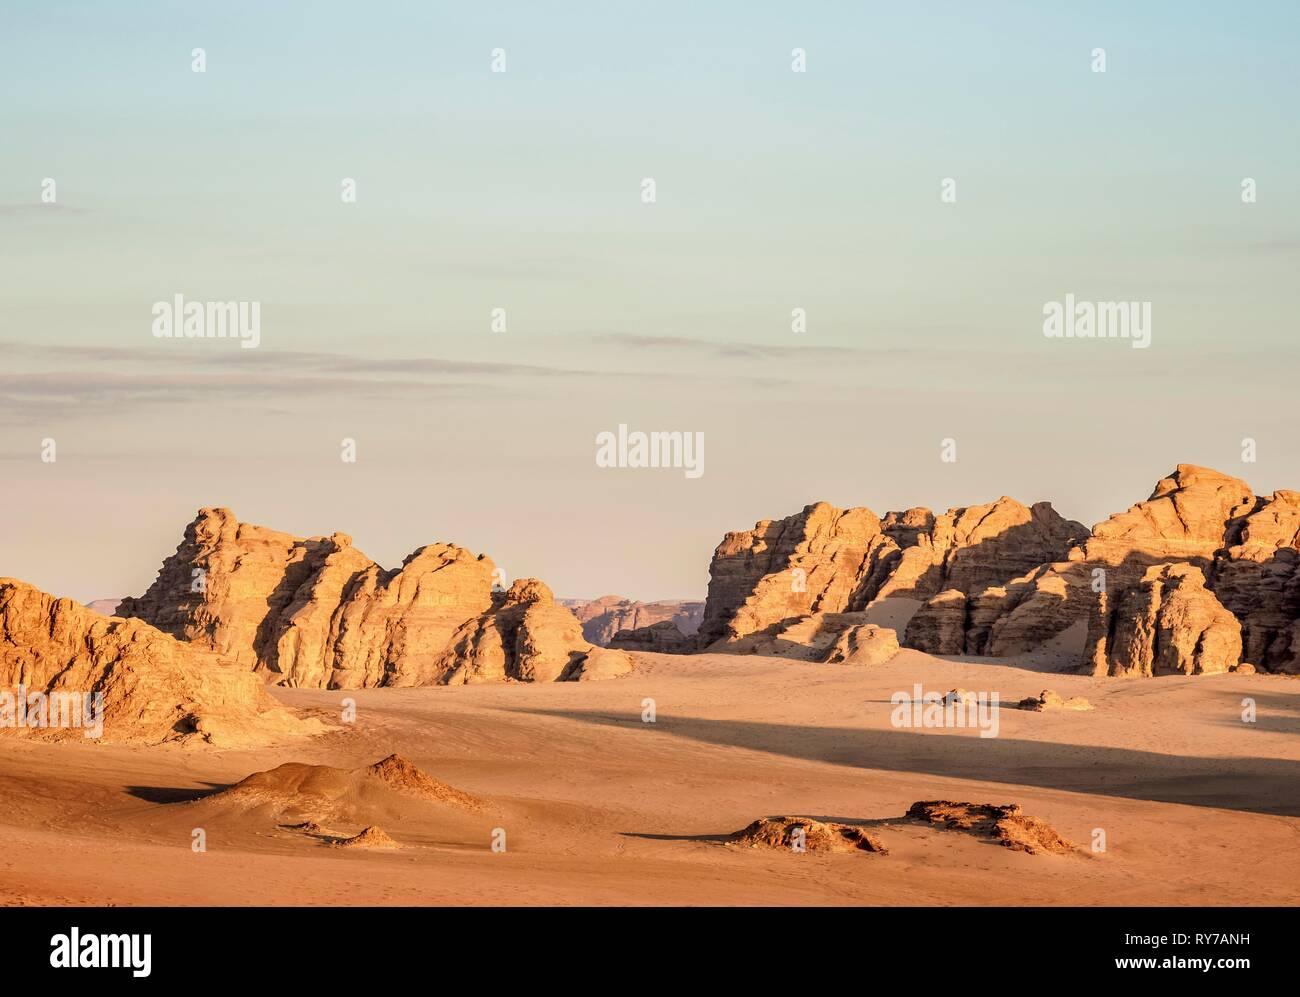 Paisaje desértico con rocas a la luz de la mañana, Wadi Rum, vista aérea desde un globo, Gobernación de Aqaba, Jordania Foto de stock